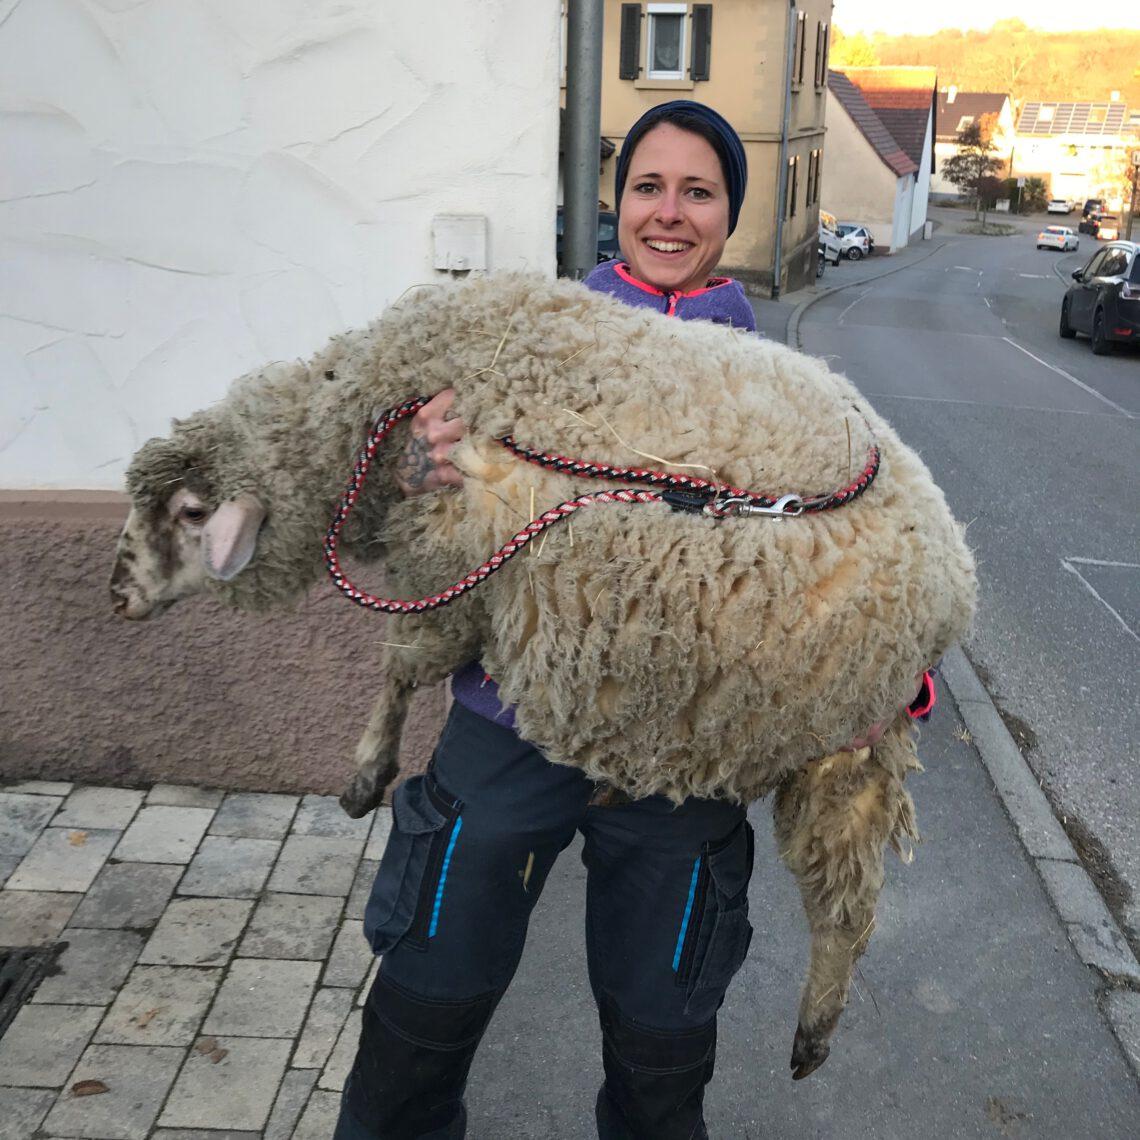 Rettung von Schafbock Jakob. Jetzt Patenschaft übernehmen oder Schafpatenschaft verschenken!